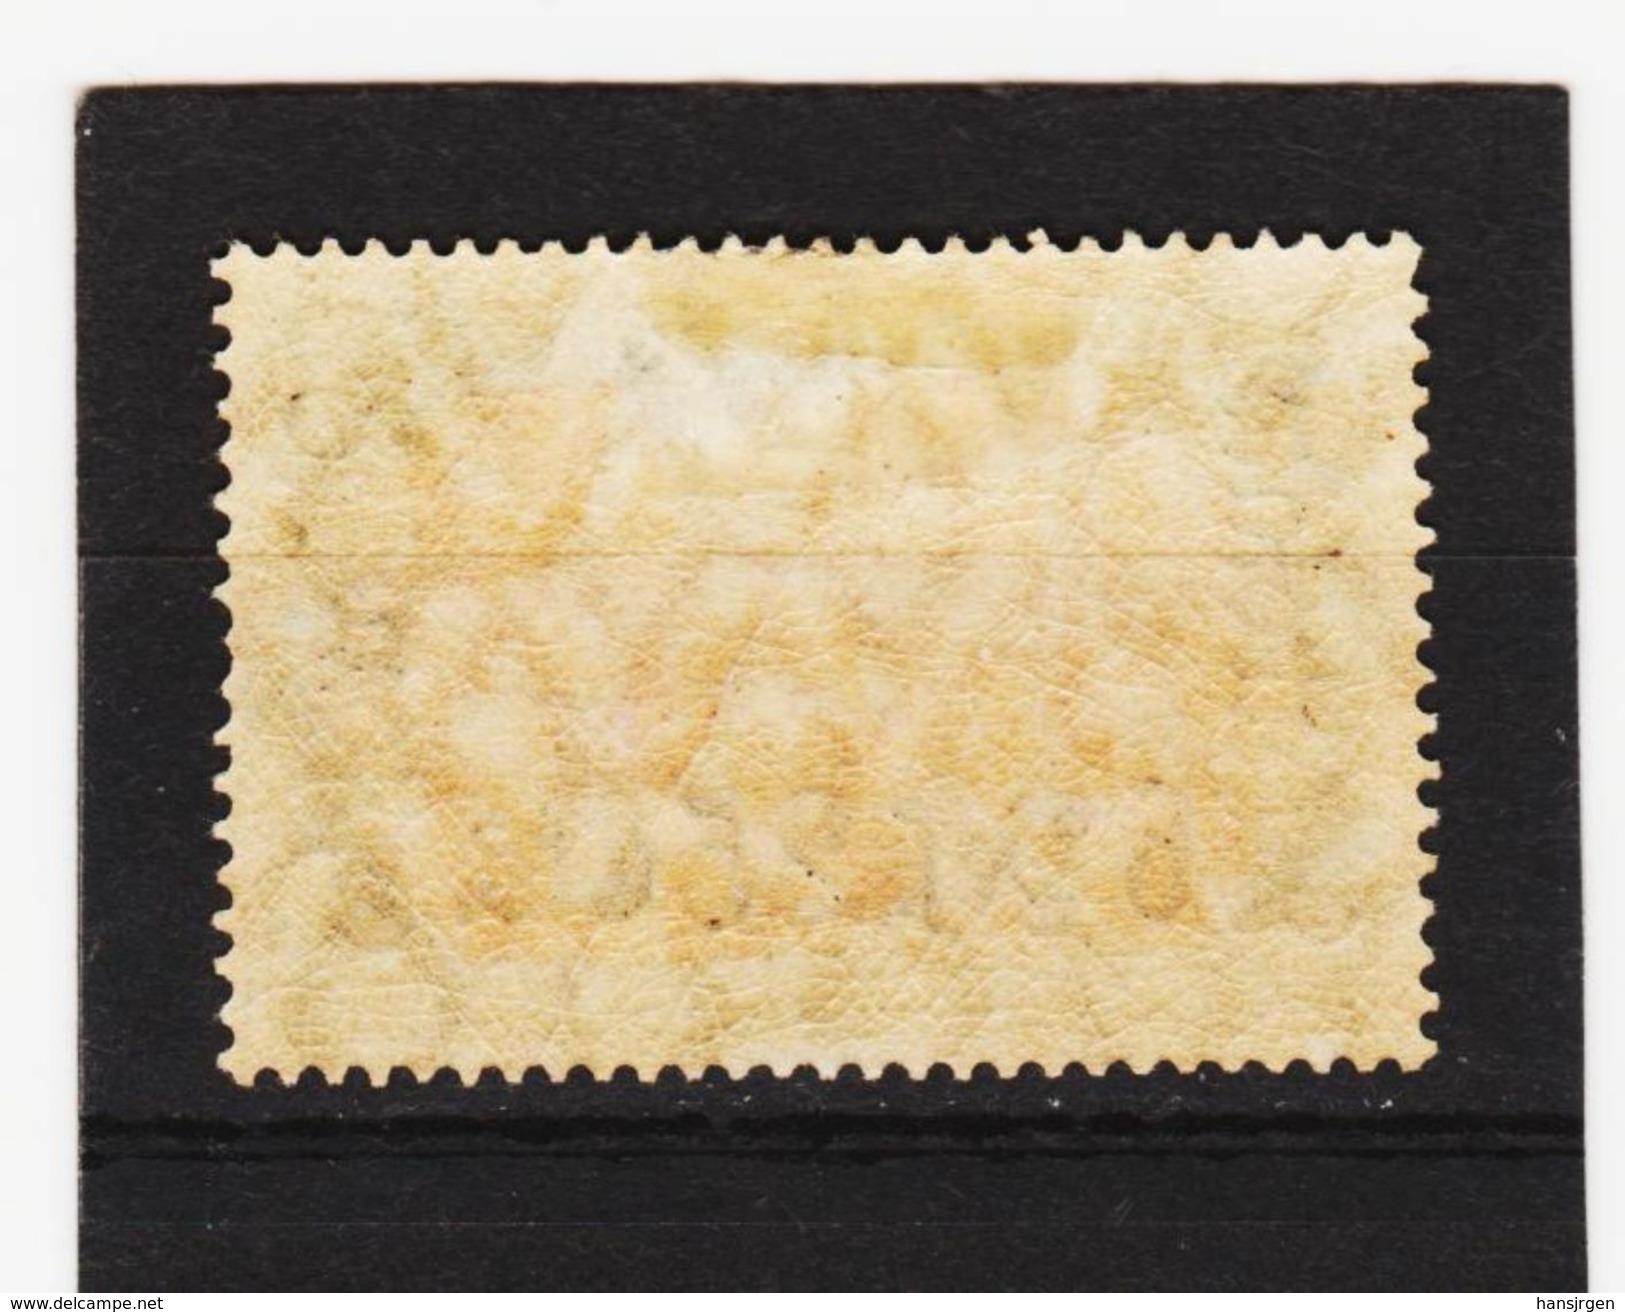 ÖMV1691 DEUTSCHE AUSLANDSPOSTÄMTER MAROKKO 1911 MICHL 58 ZÄHNUNGSLÖCHER 26:17 UNGEBRAUCHT Mit FALZ Siehe ABBILDUNG - Deutsche Post In Marokko